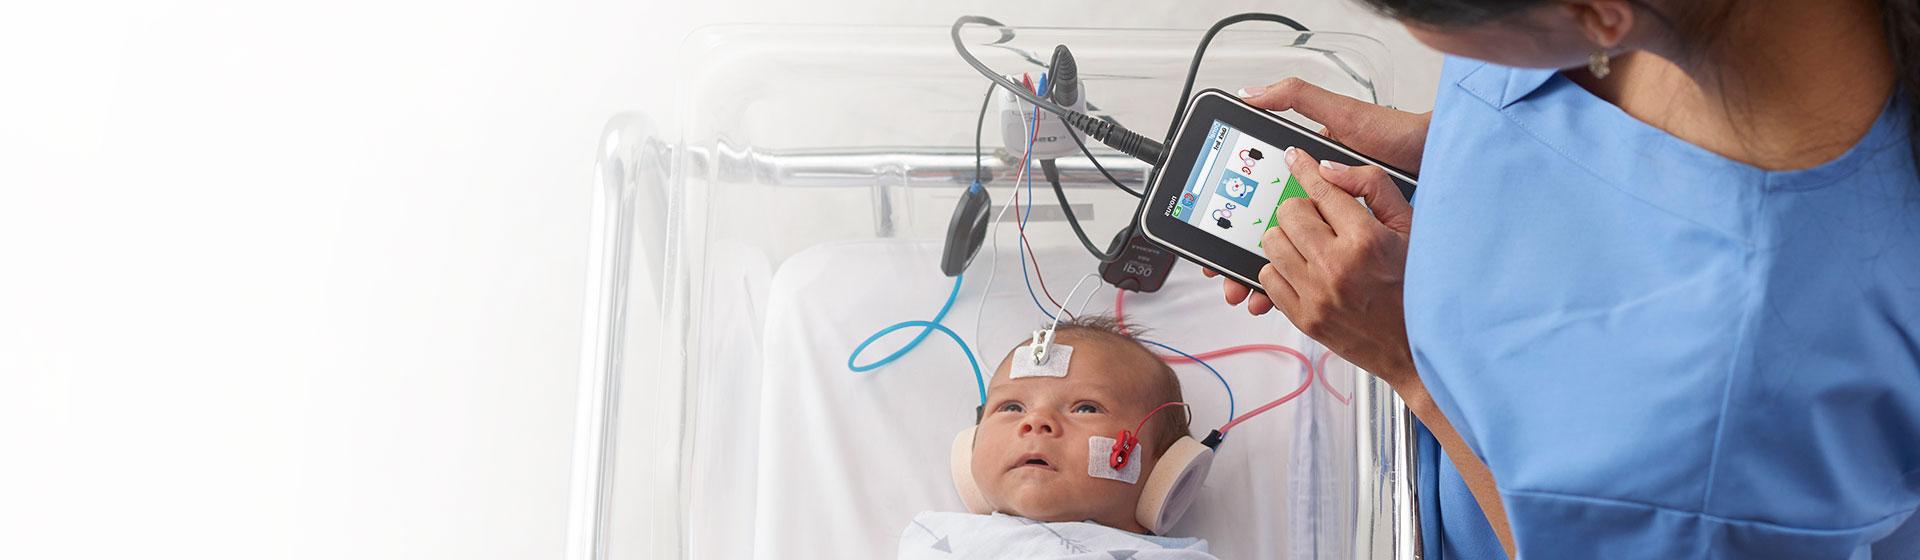 newborn-screening_1920x560